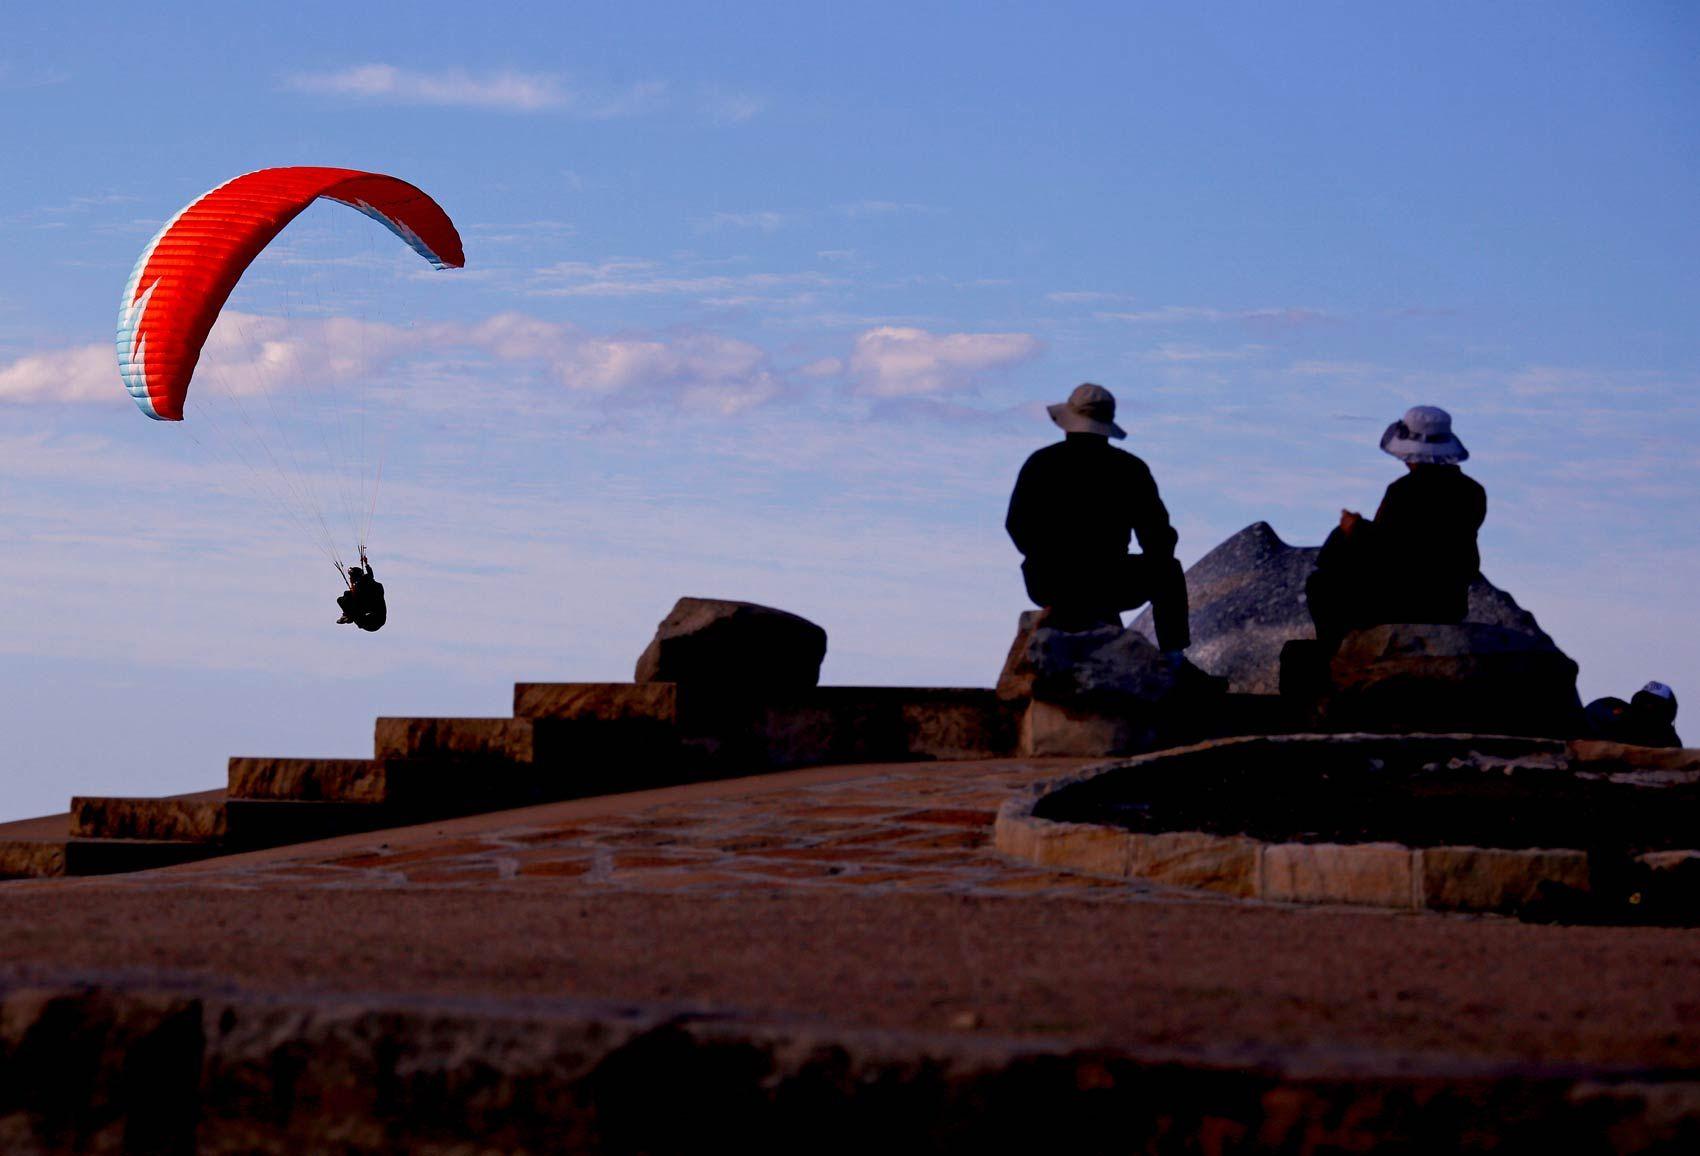 20160901 - 1º/9 - Pessoas observam do Ponto de Long Reef o voo de um paraglider em Sydney, na Austrália David Gray/Reuters